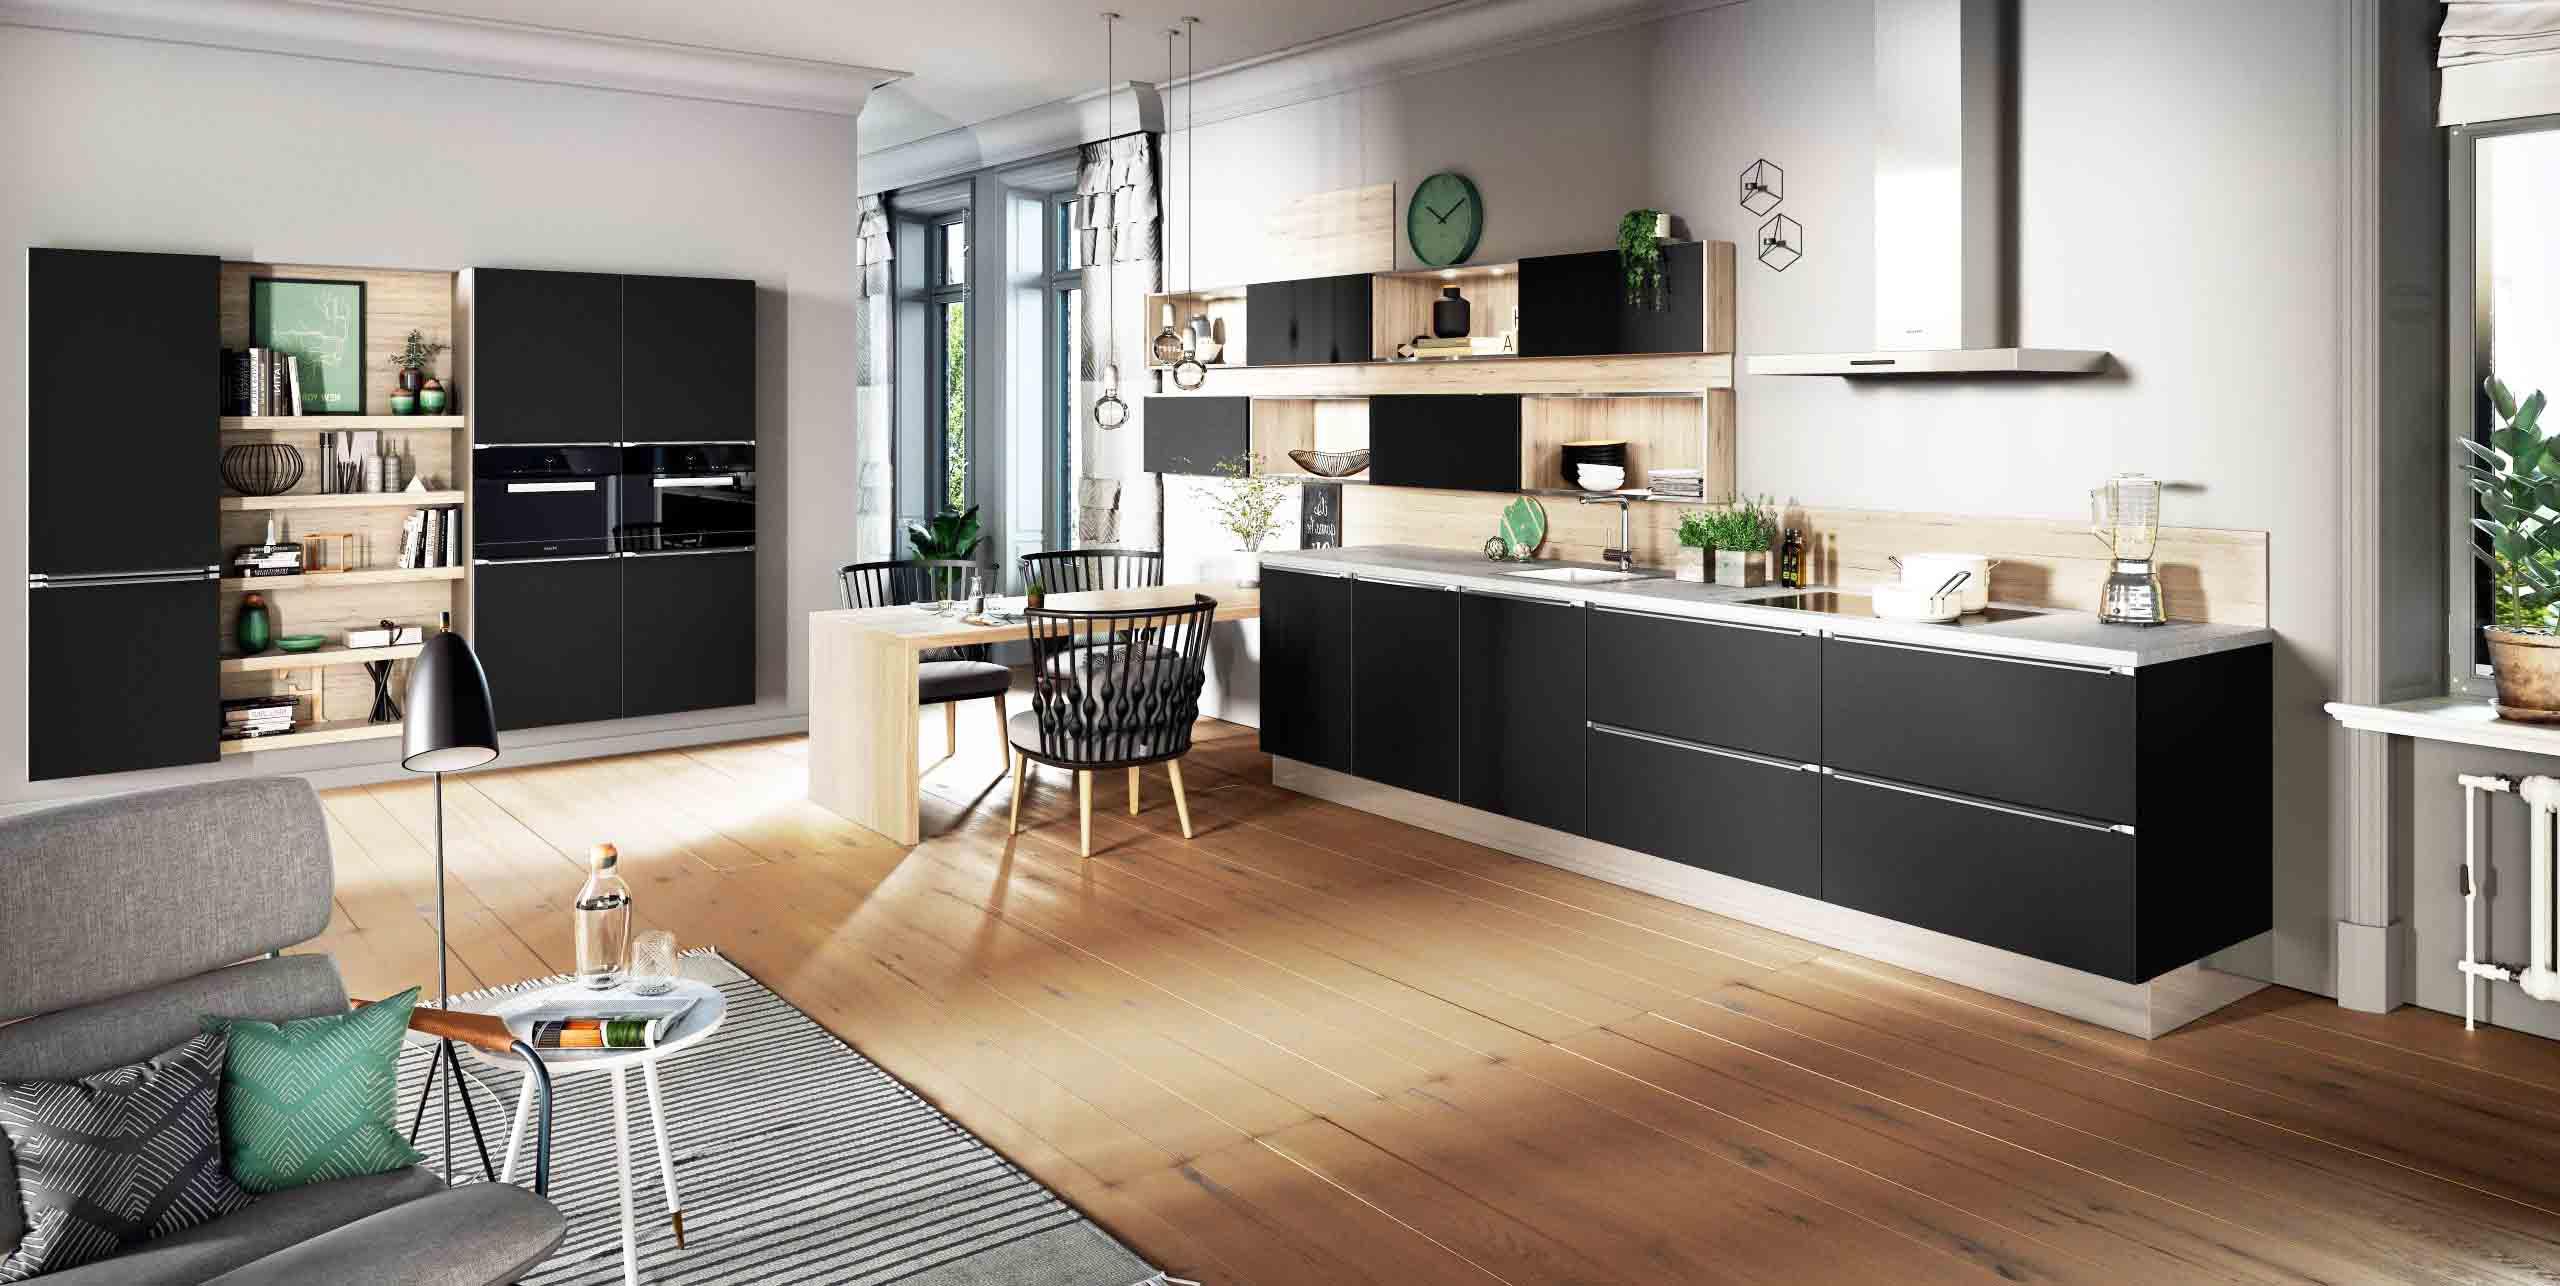 Вентиляция для частного дома или квартиры